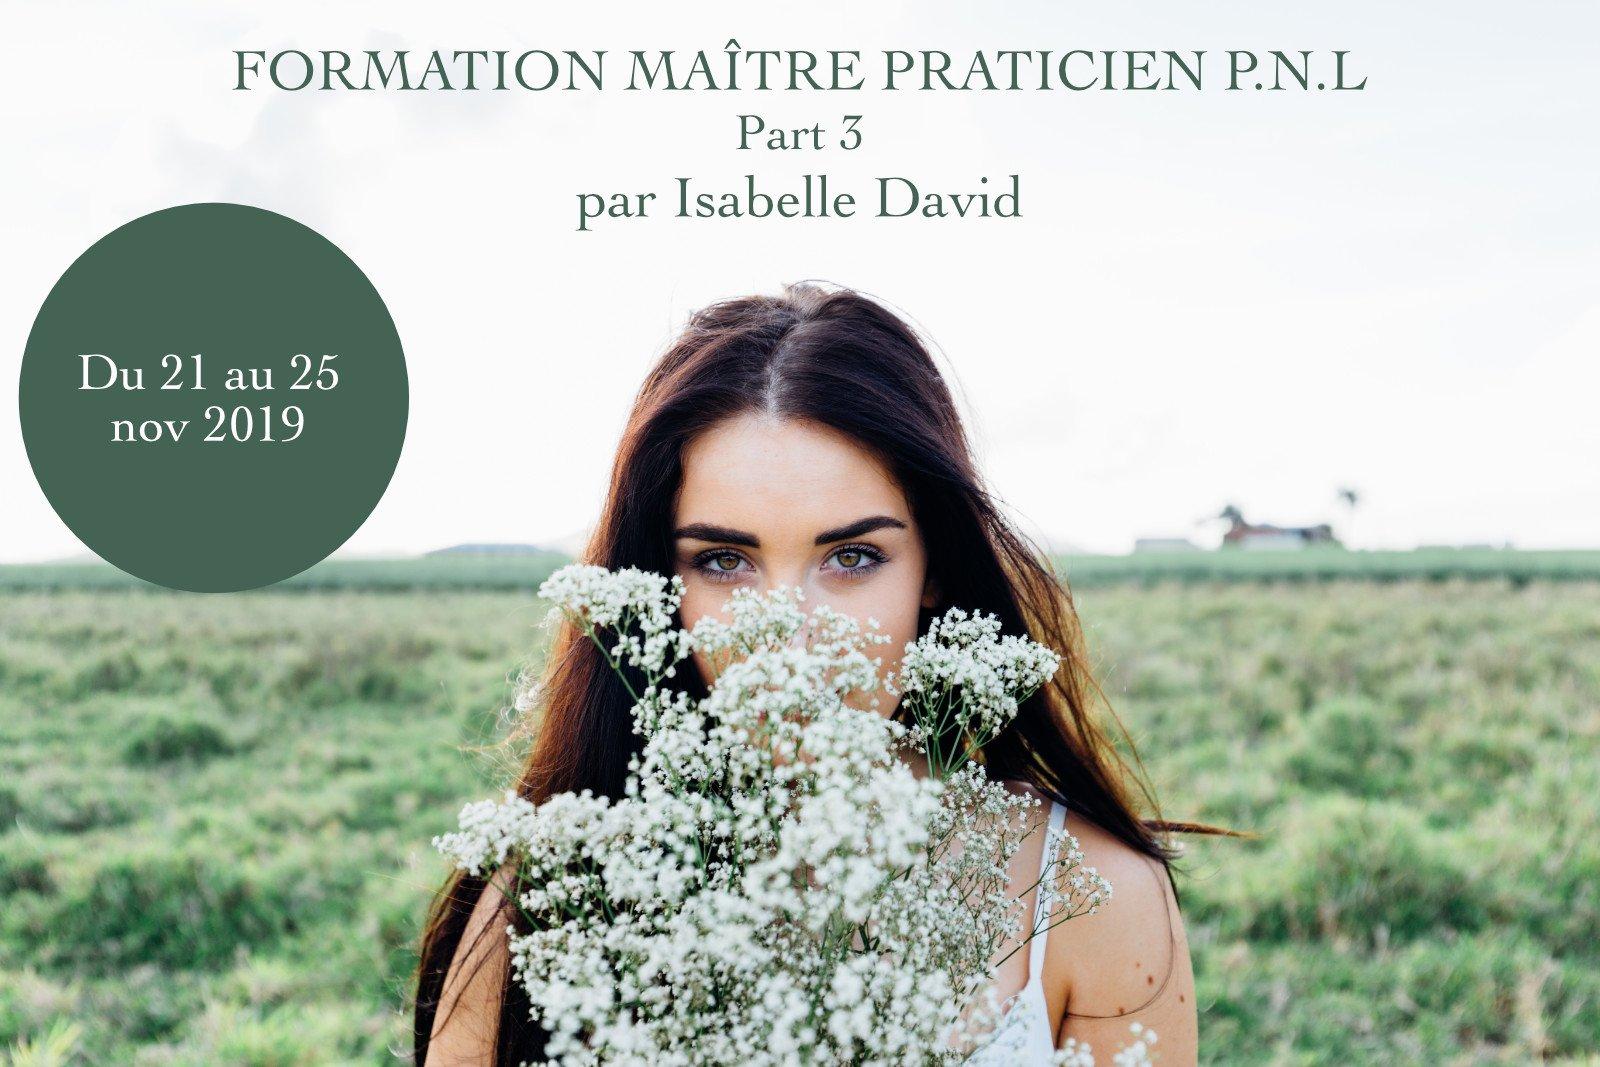 formation_maitre_praticien_pnl_a_la_reunion - du_21_au_25_nov_2019 - isabelle David - Être Soi